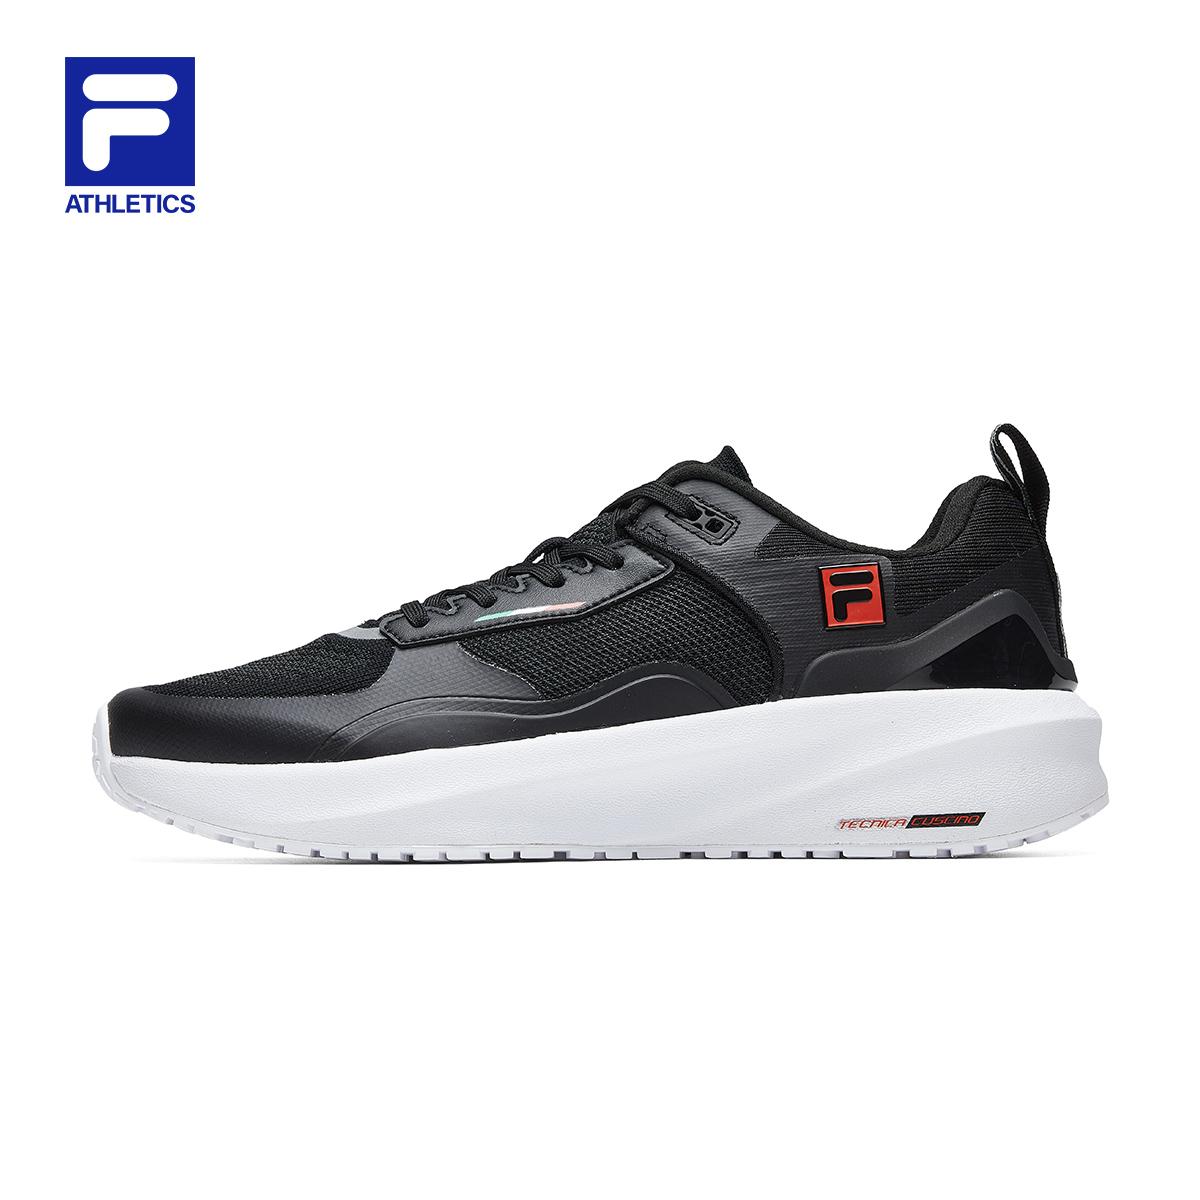 Fila athleticsรองเท้าวิ่งผู้ชาย2020ฤดูใบไม้ผลิและฤดูใบไม้ร่วงใหม่มืออาชีพรองเท้ากีฬารองเท้าผู้ชาย